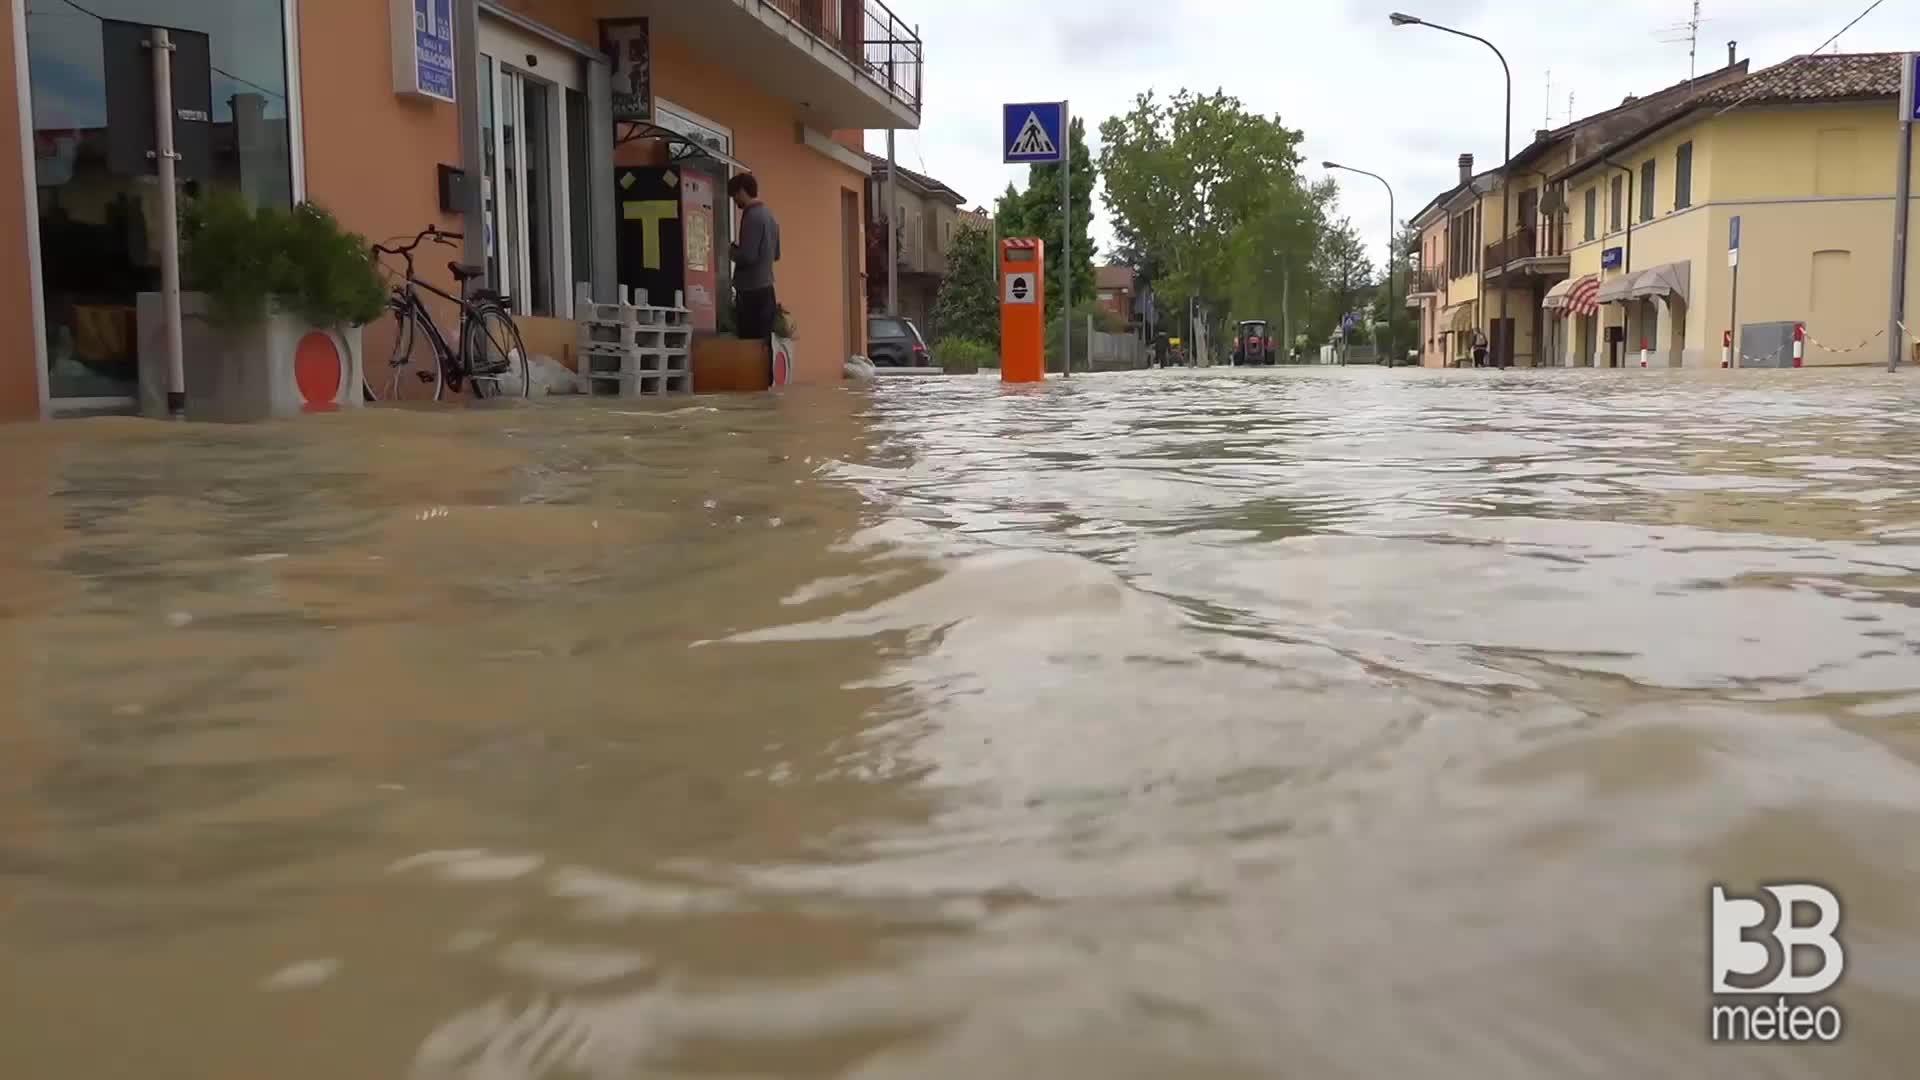 Maltempo Romagna: alluvione a Villafranca, Forlì: situazione critica